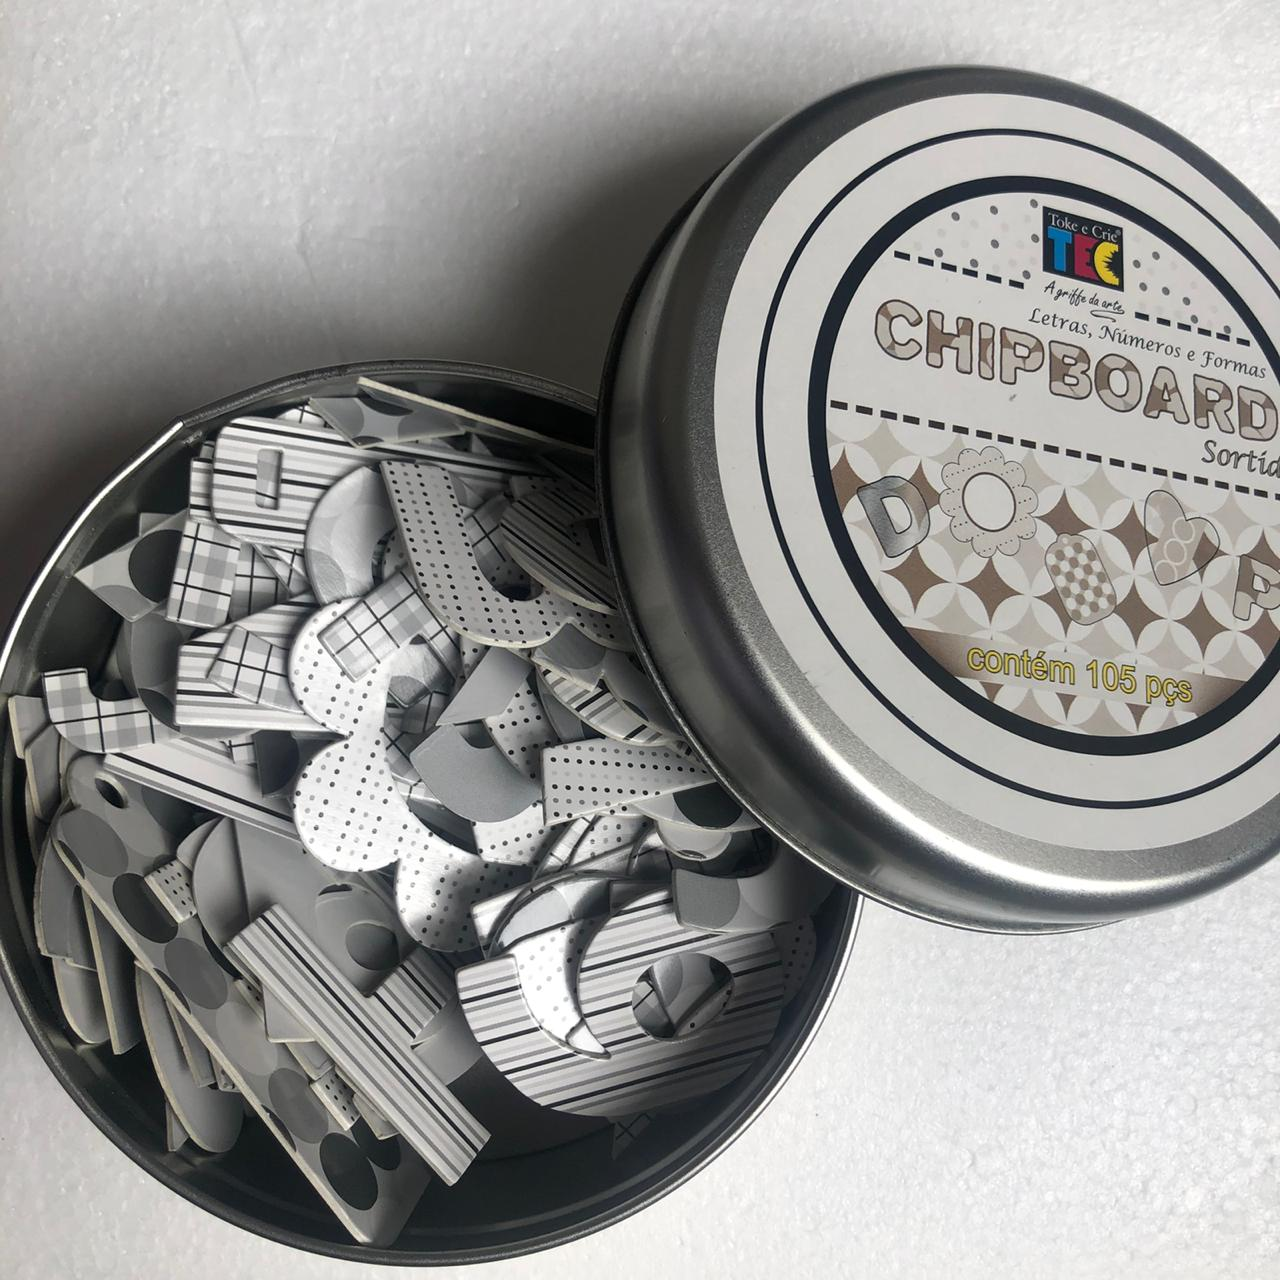 Chipboard Sortido Preto e Branco com 105 peças - Toke e Crie (10273)